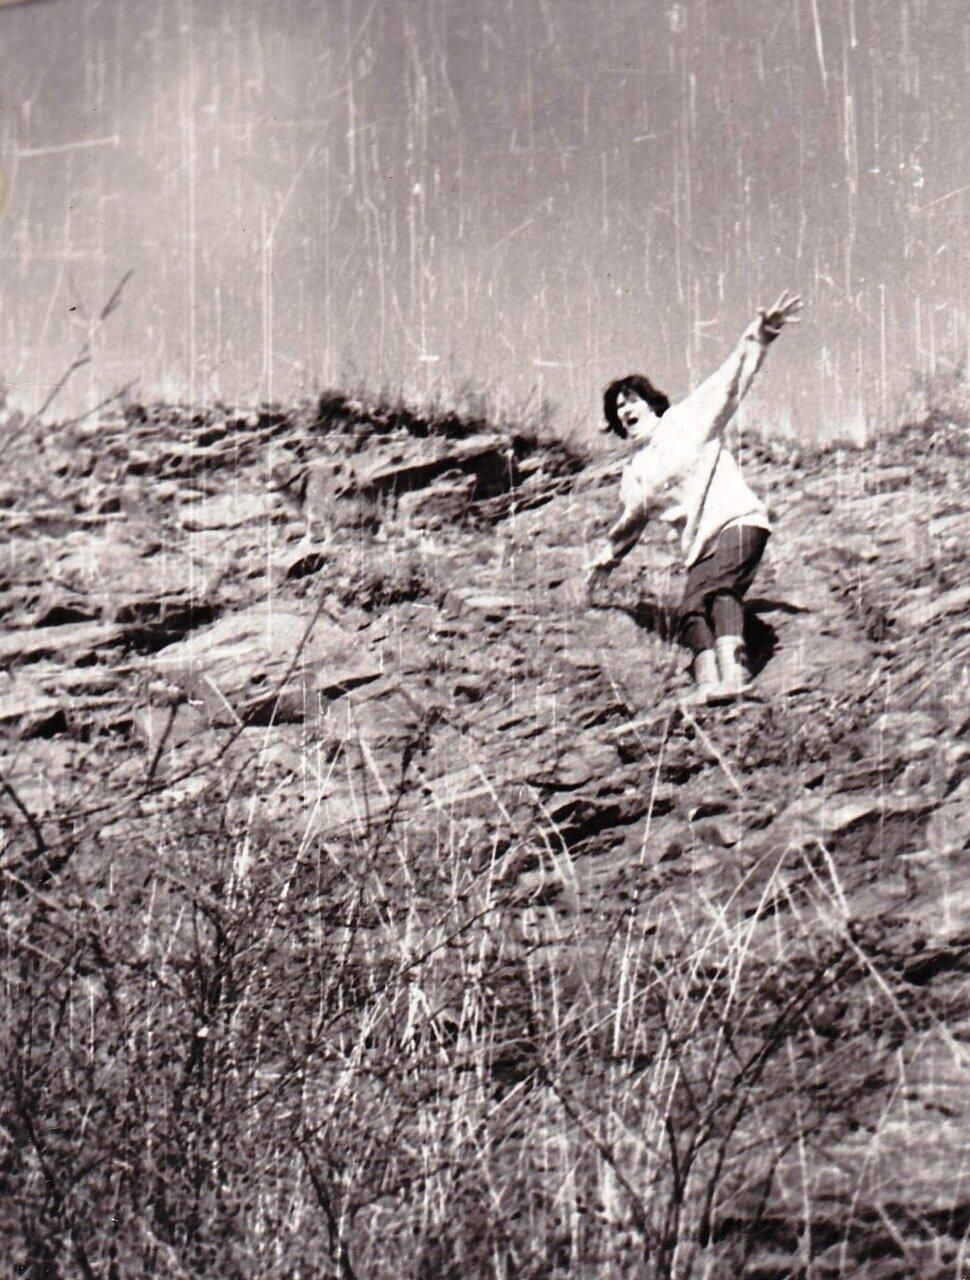 1989. Байкал. Татьяна Блажко (Ангарский ТОМ)